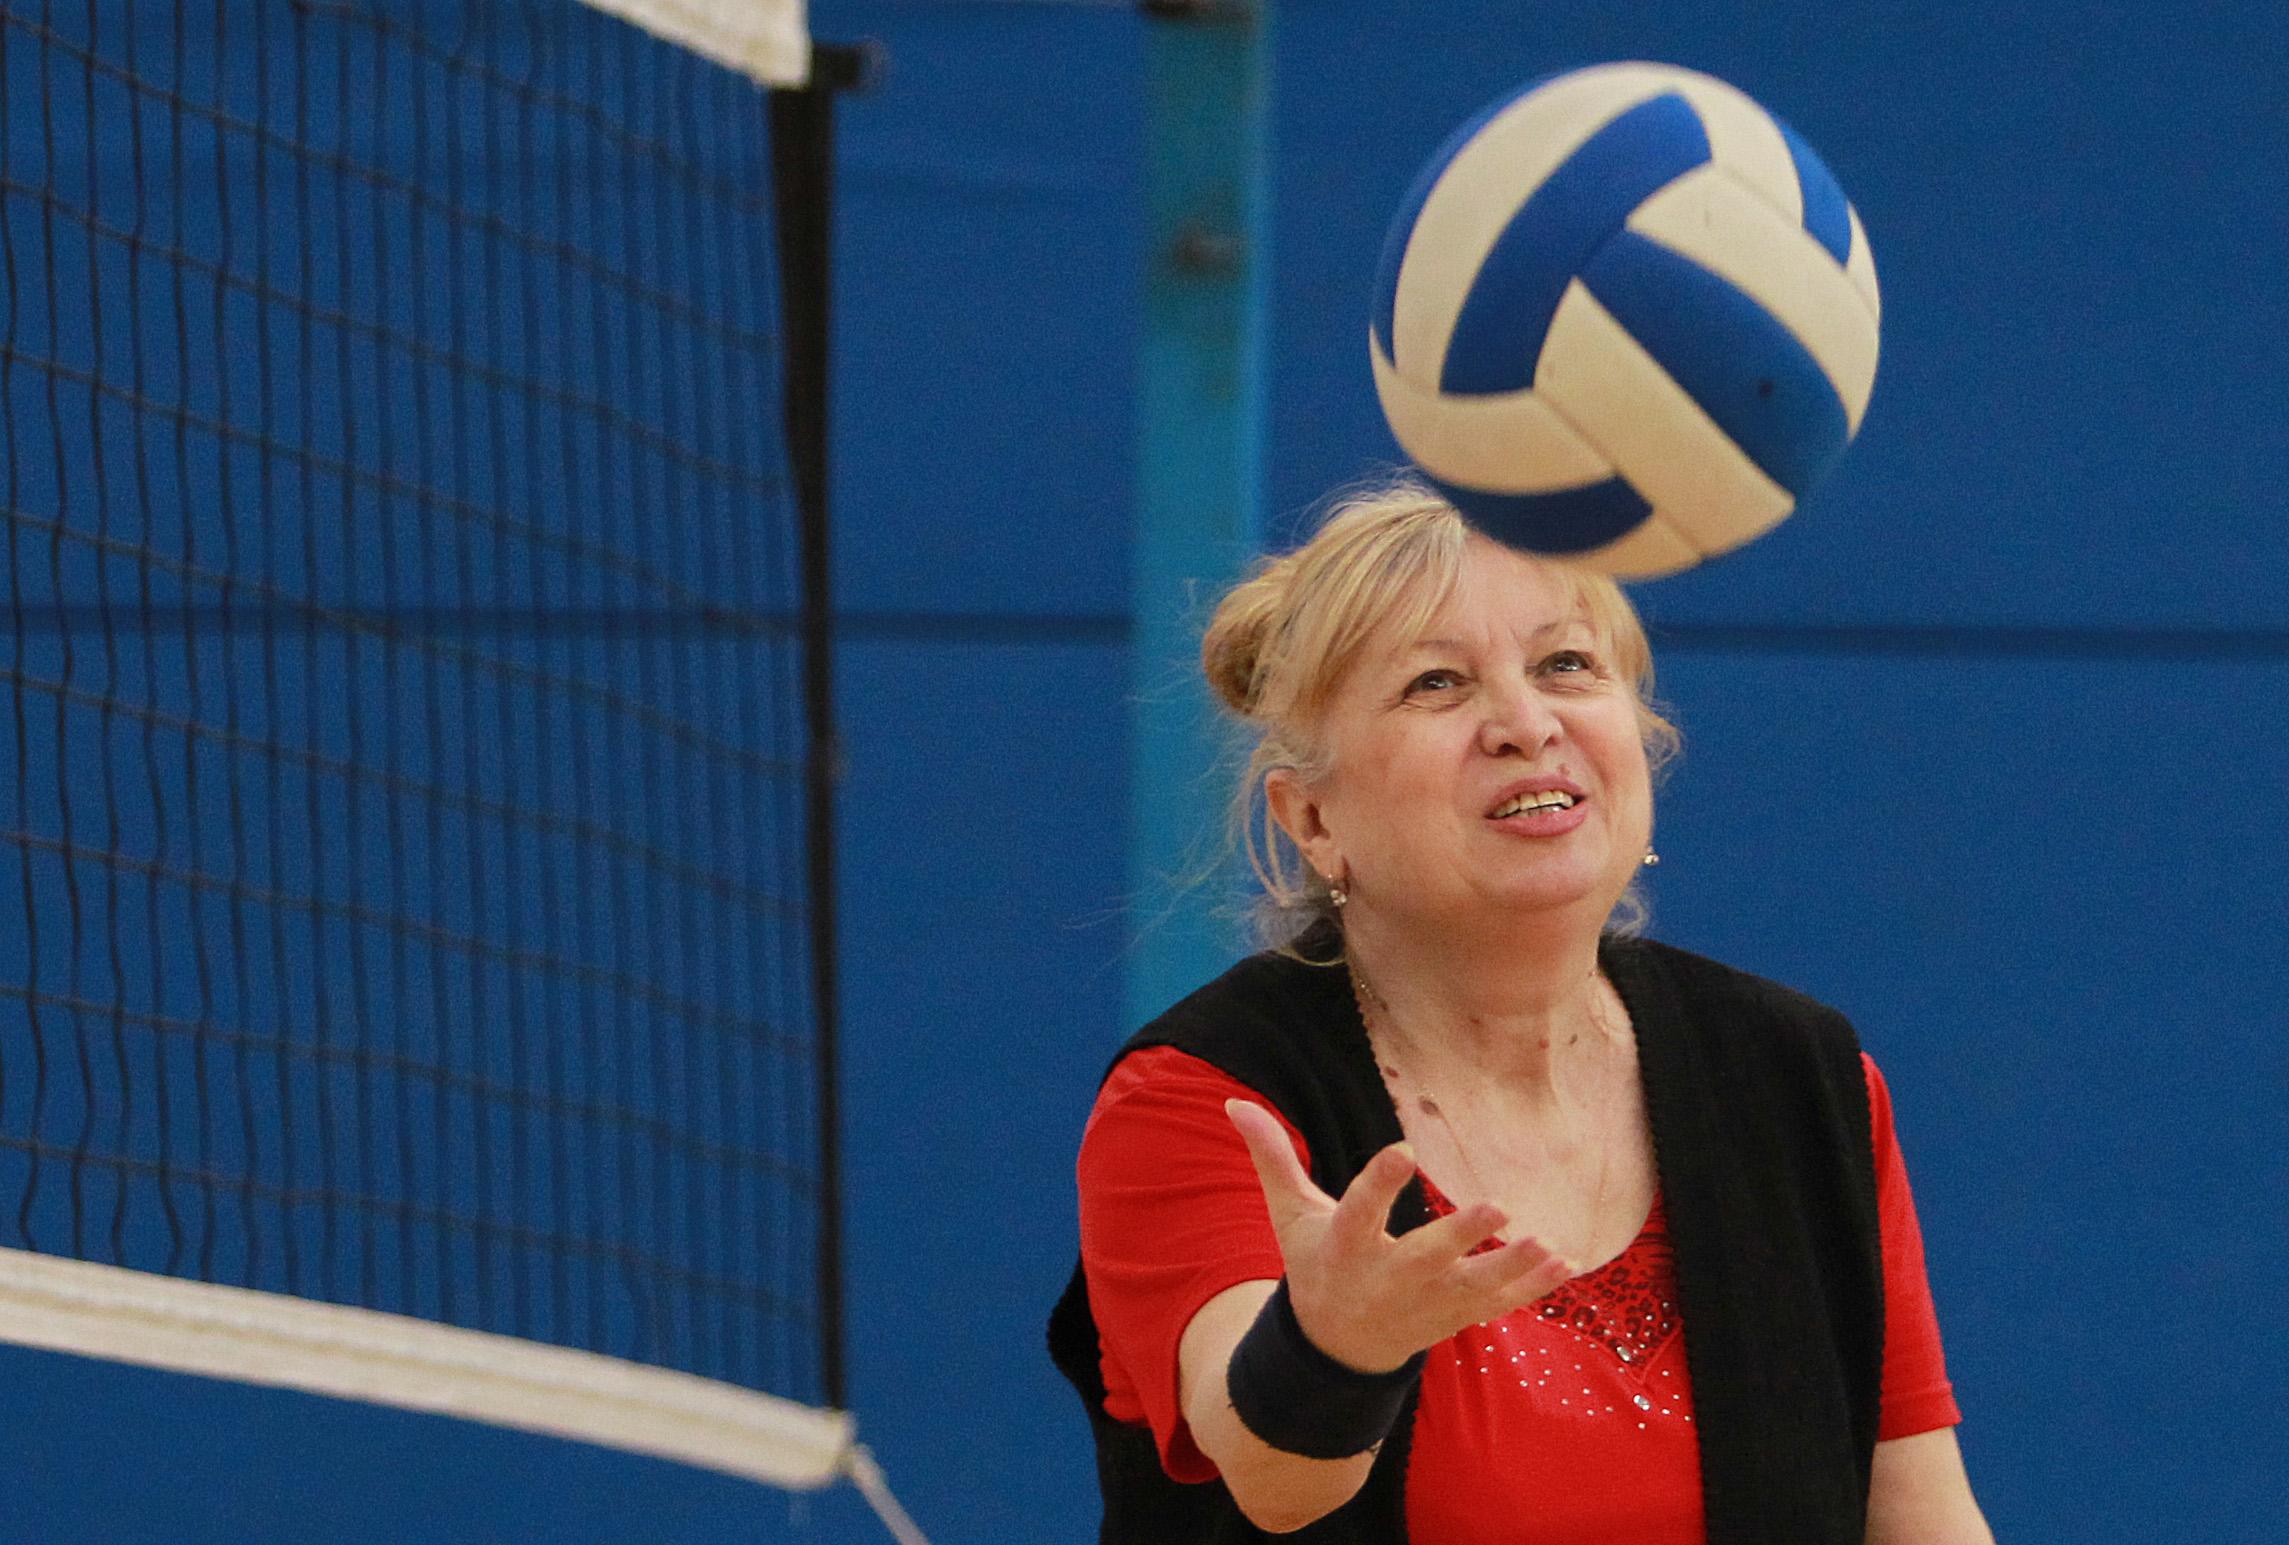 Жителей Филимонковского пригласили на турнир по волейболу